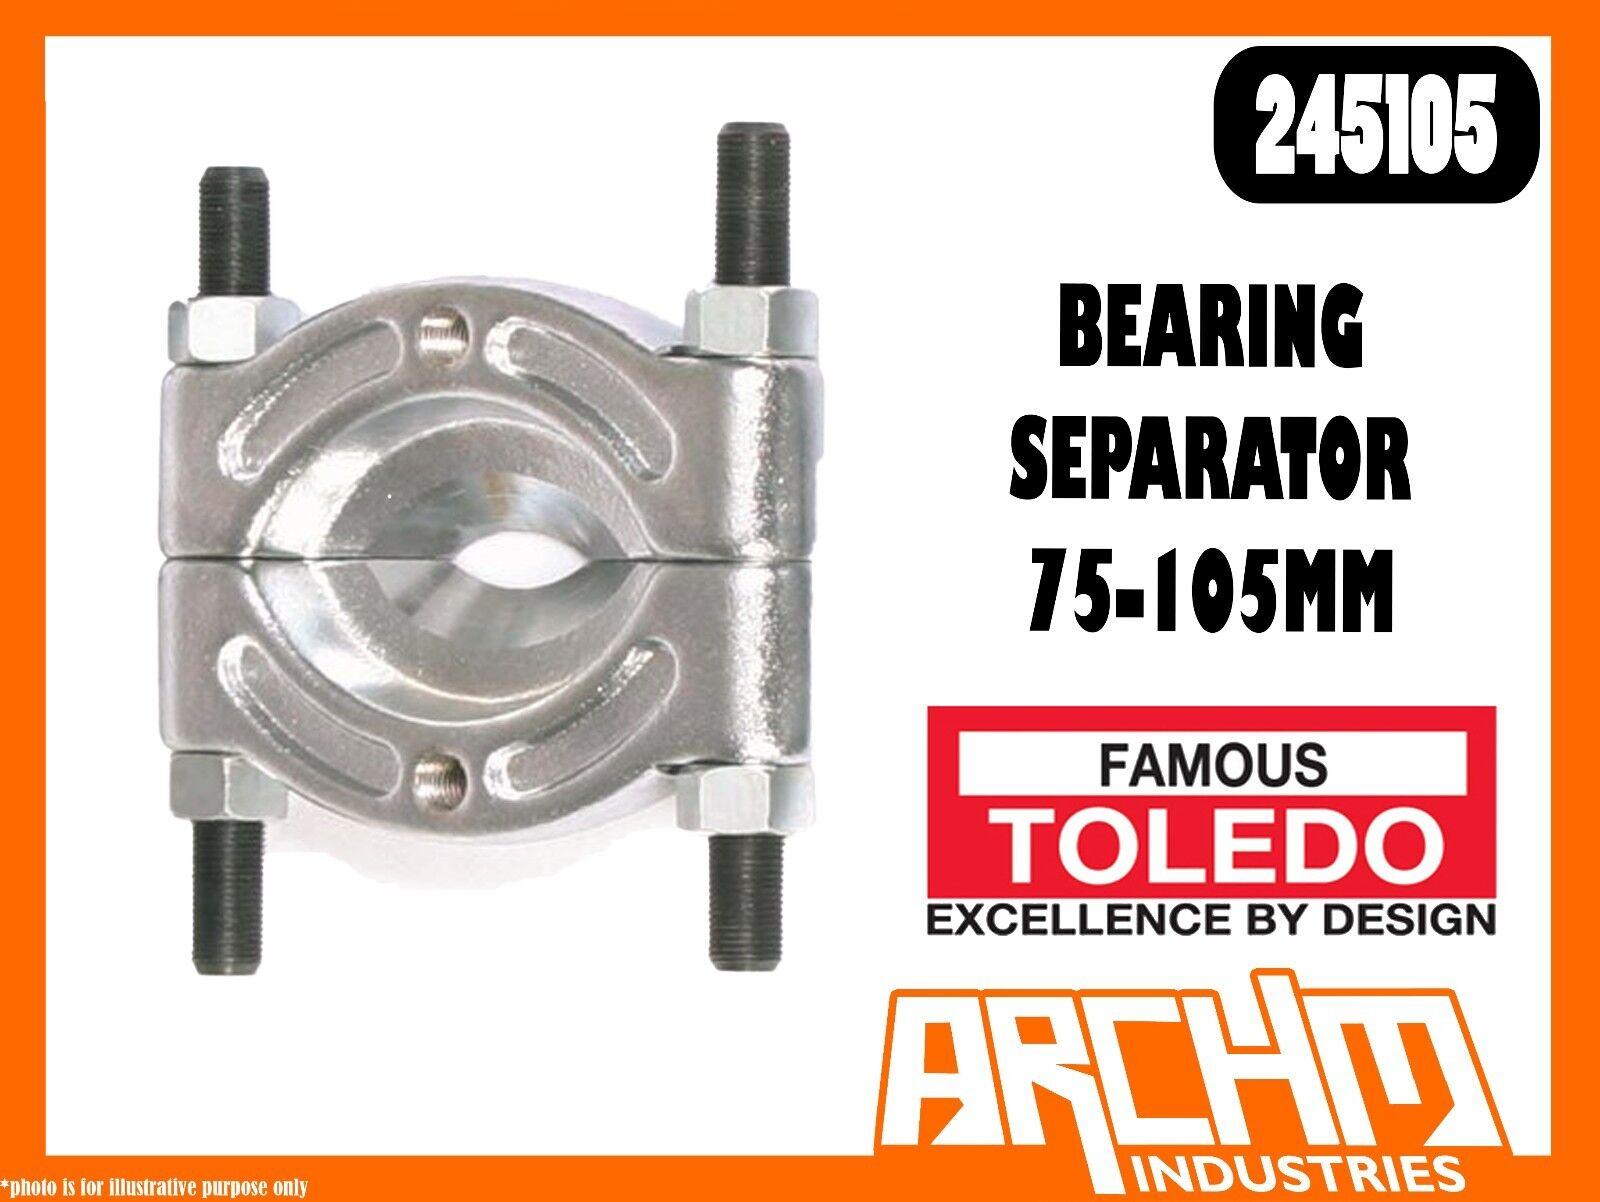 TOLEDO 245105 - BEARING SEPARATOR - 75–105MM - 1 2